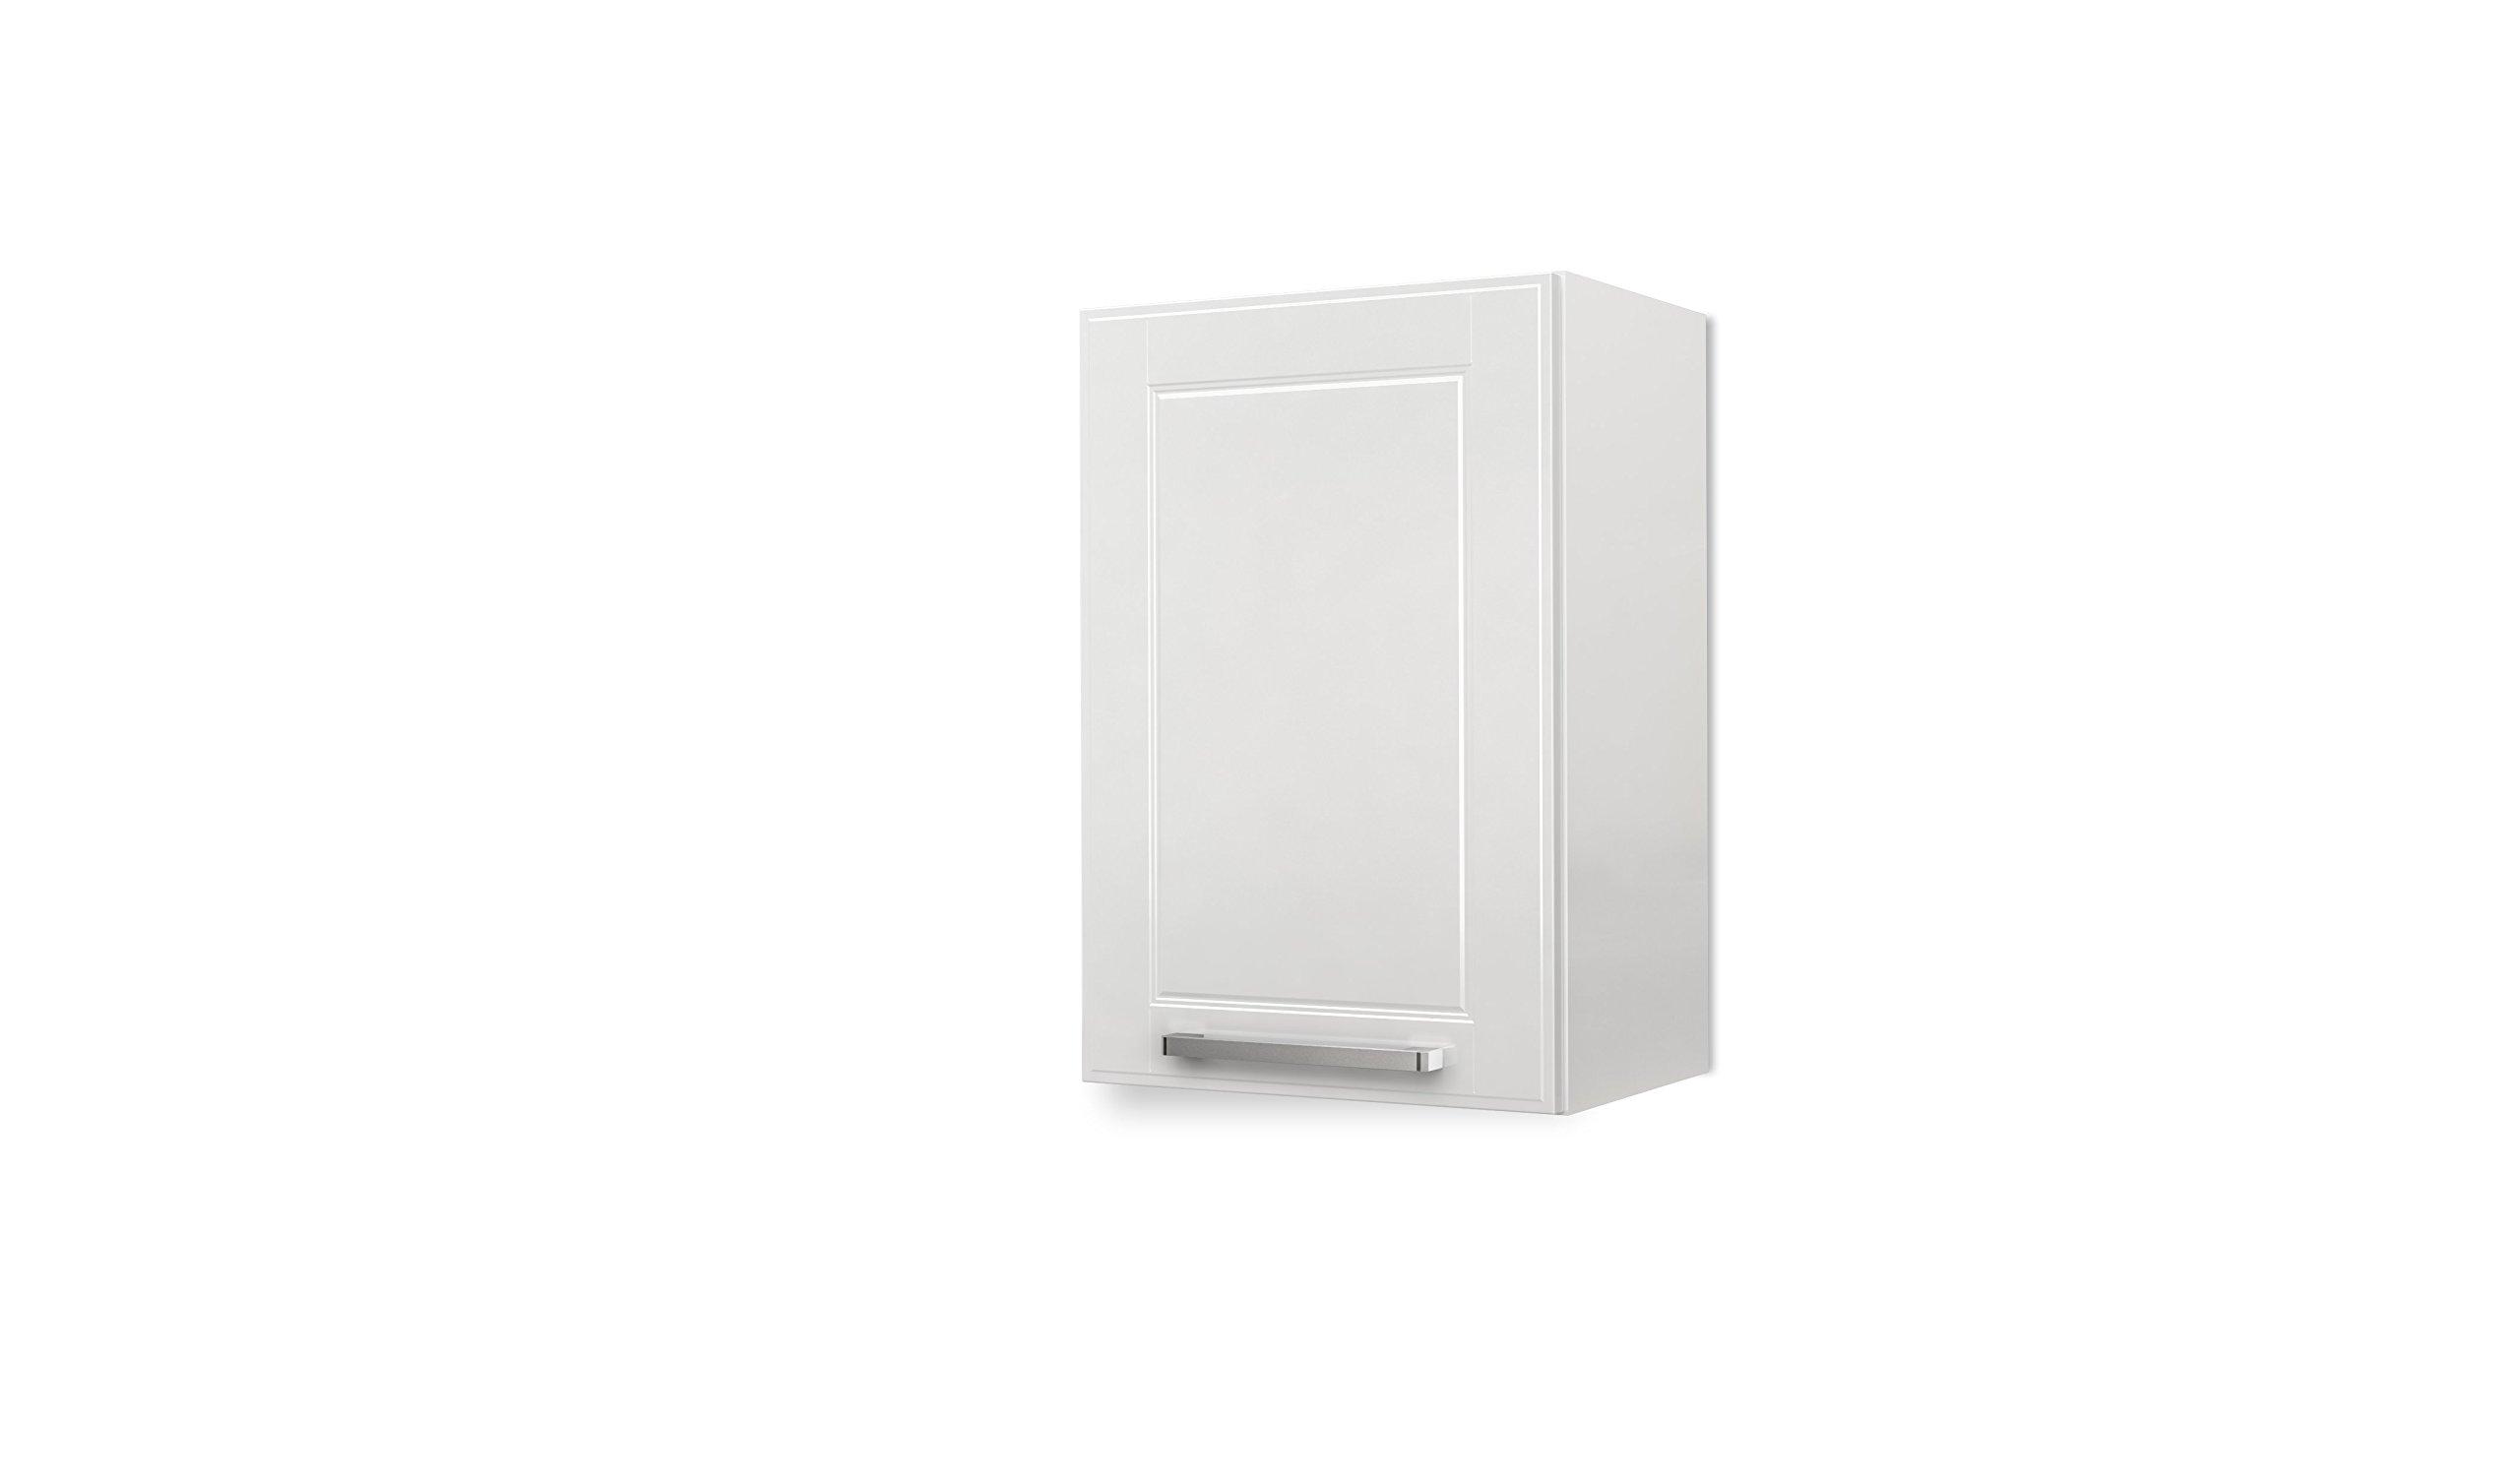 BSK Wall Steel Kitchen Cabinet 1 Door 16'' W x 24'' H, (White)